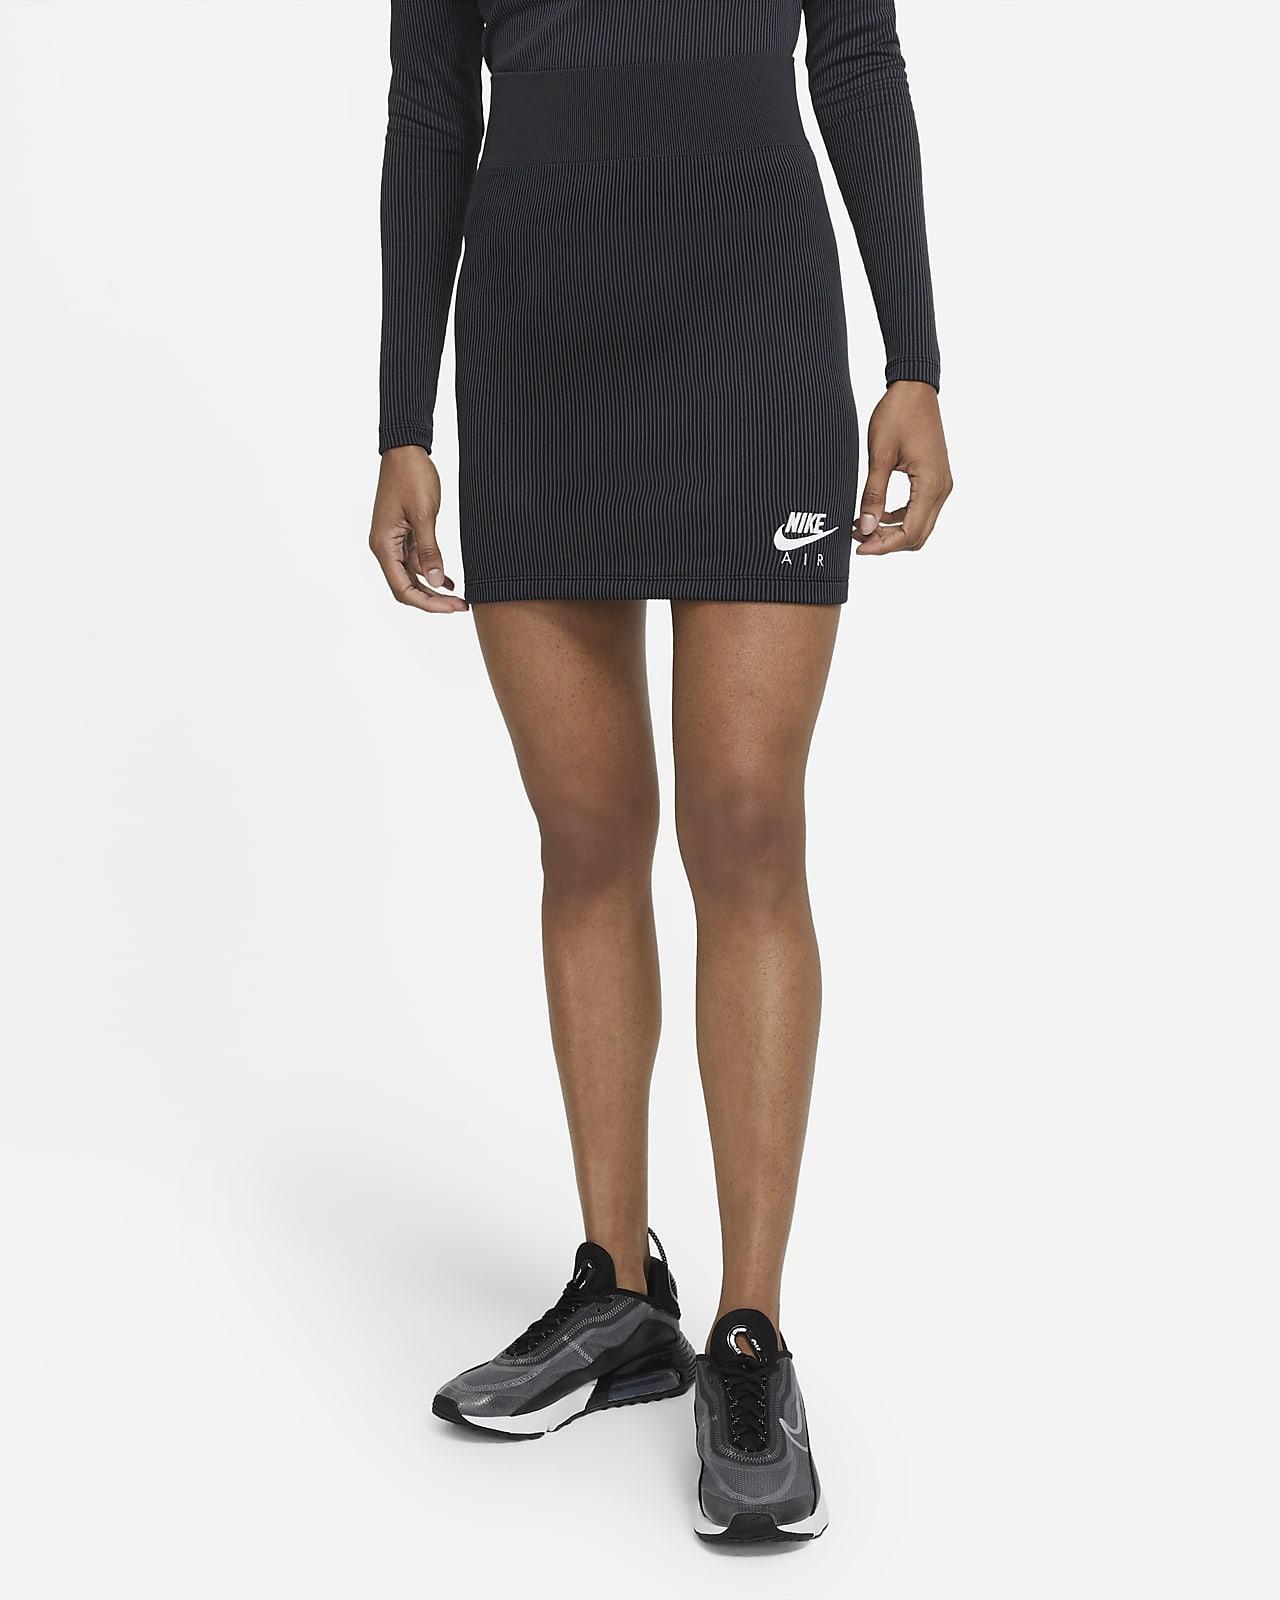 Nike Air Rok